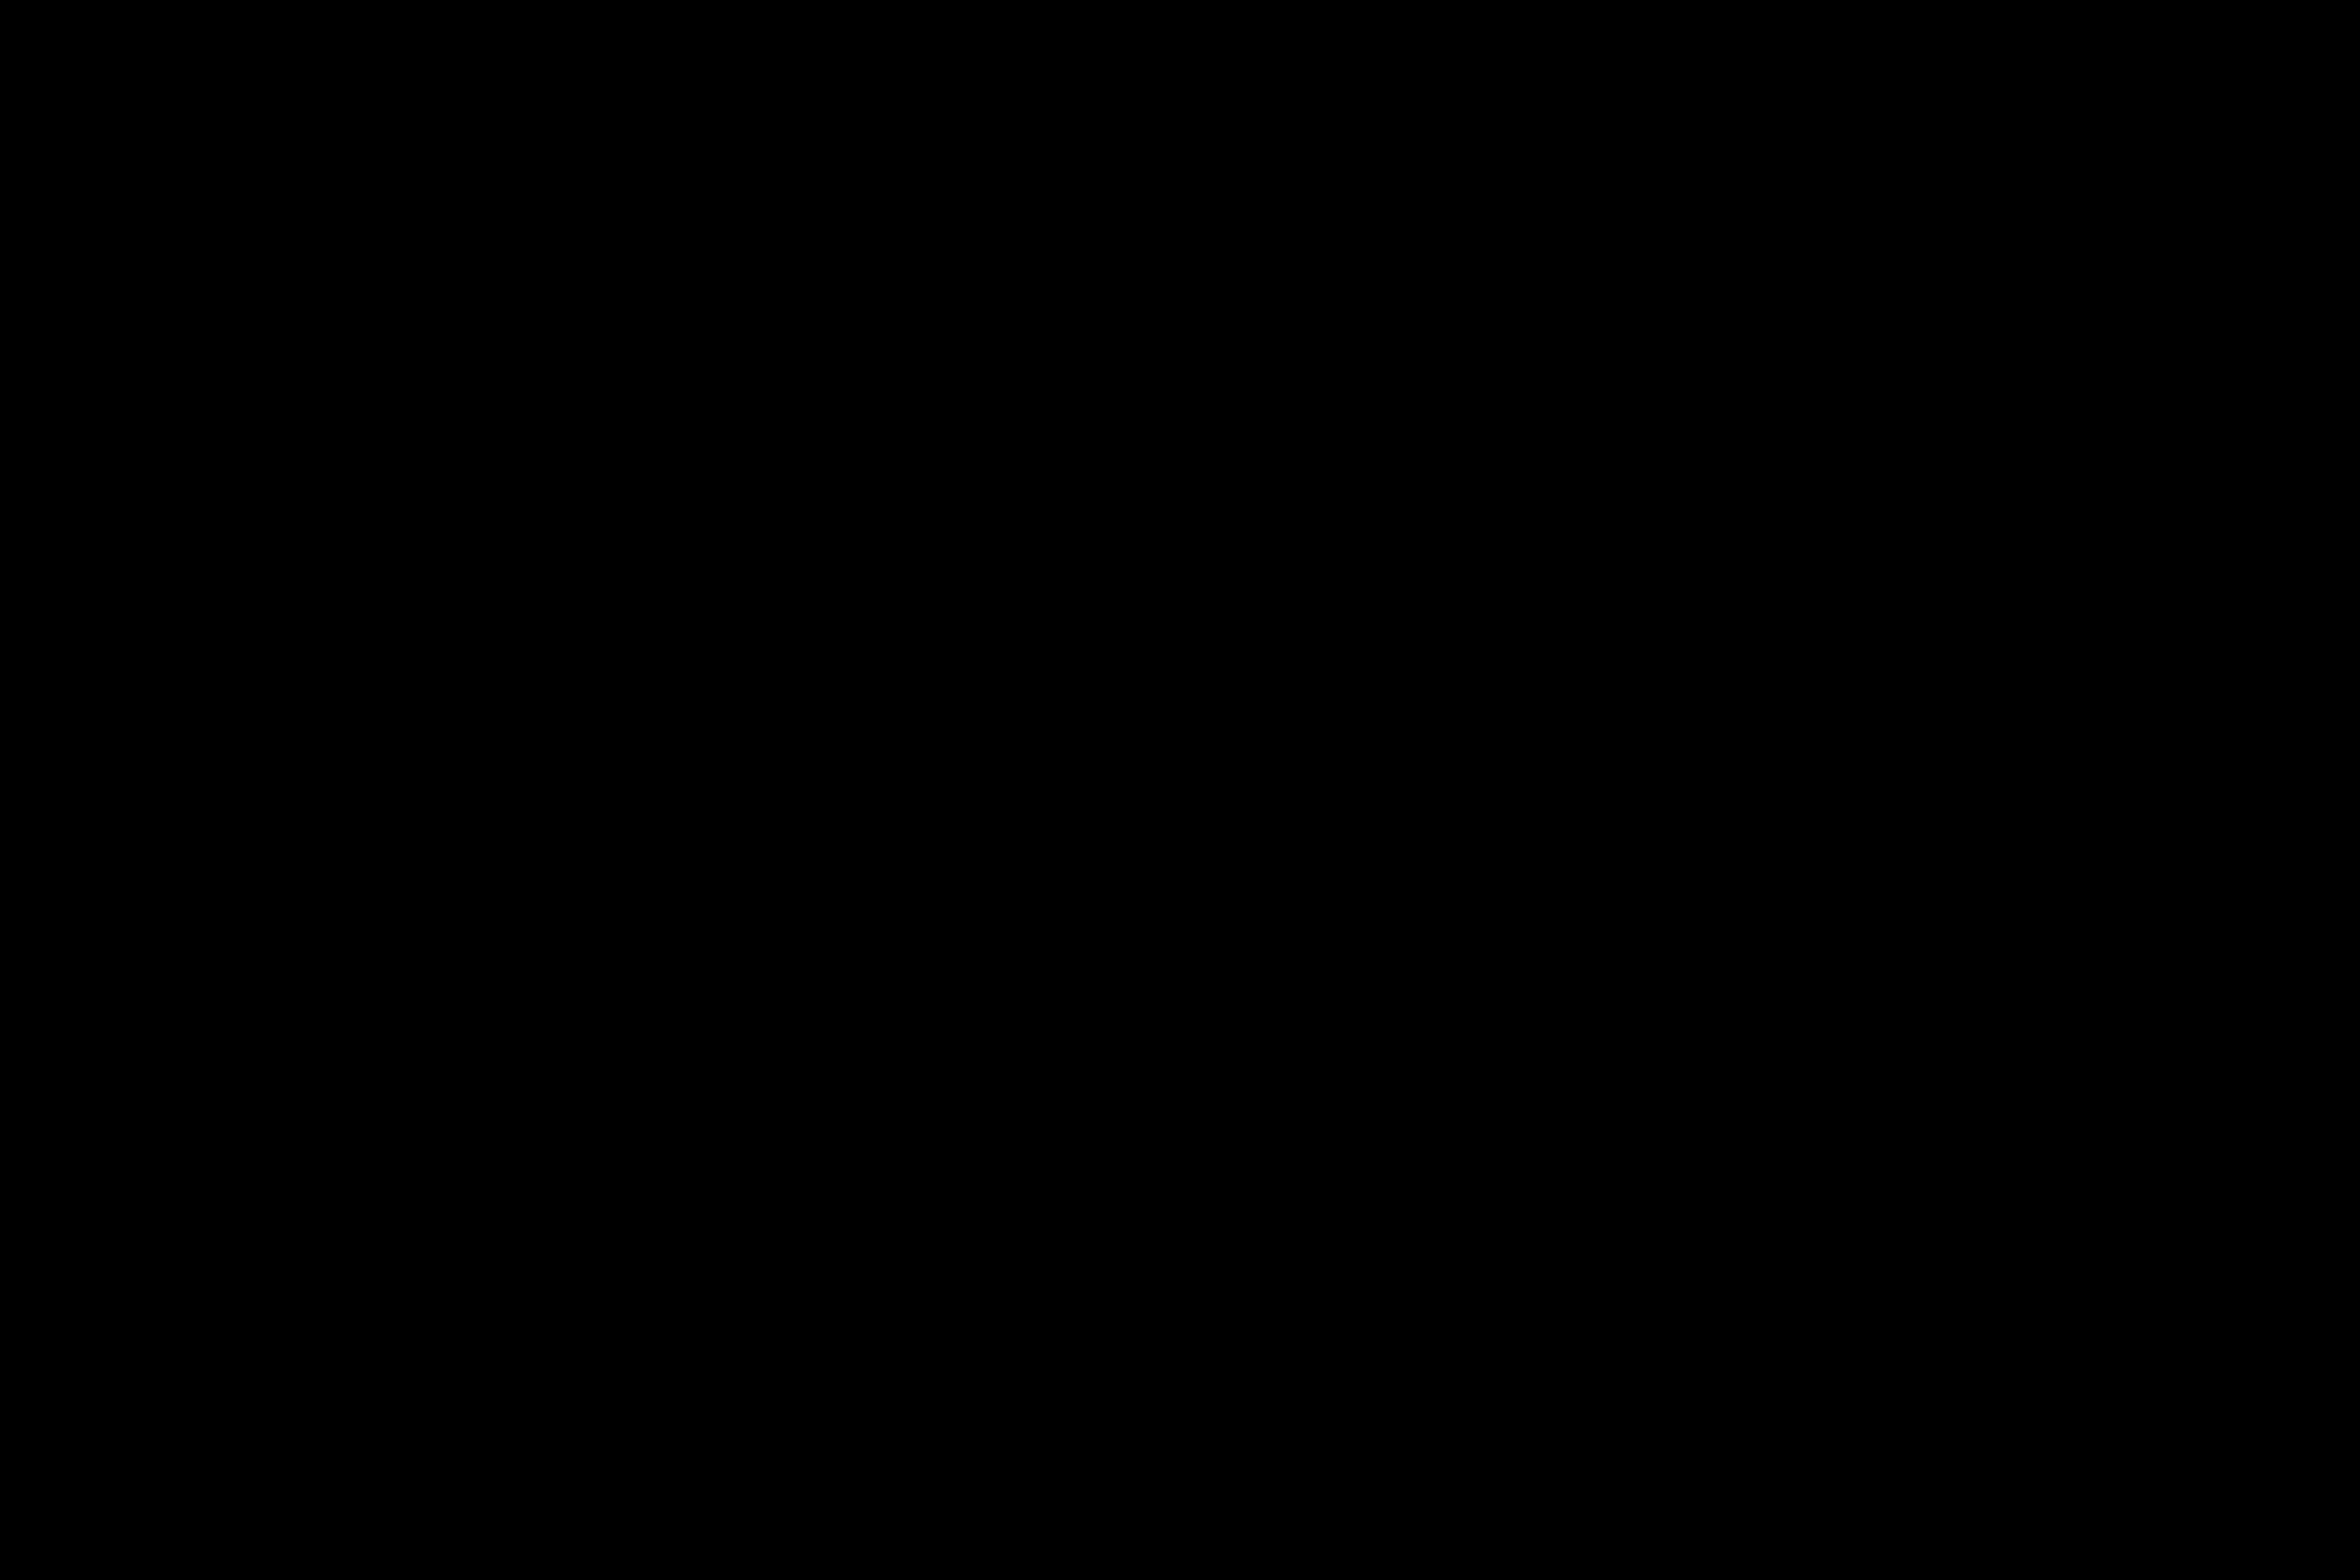 8K Half Marathon